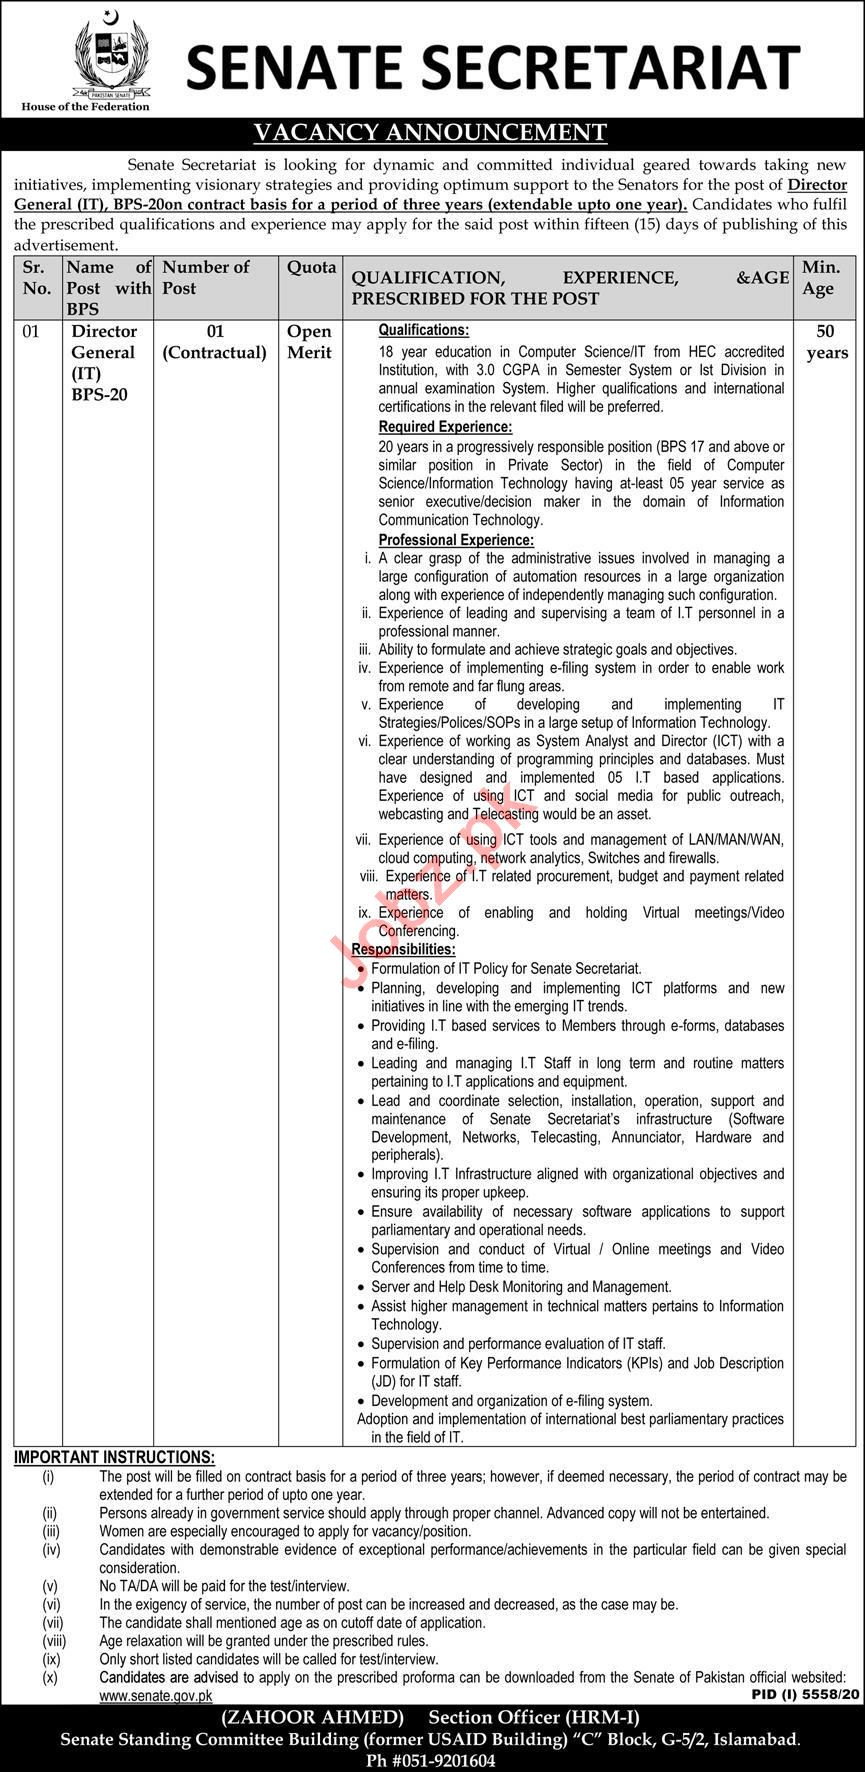 Director General Jobs 2021 in Senate Secretariat Islamabad